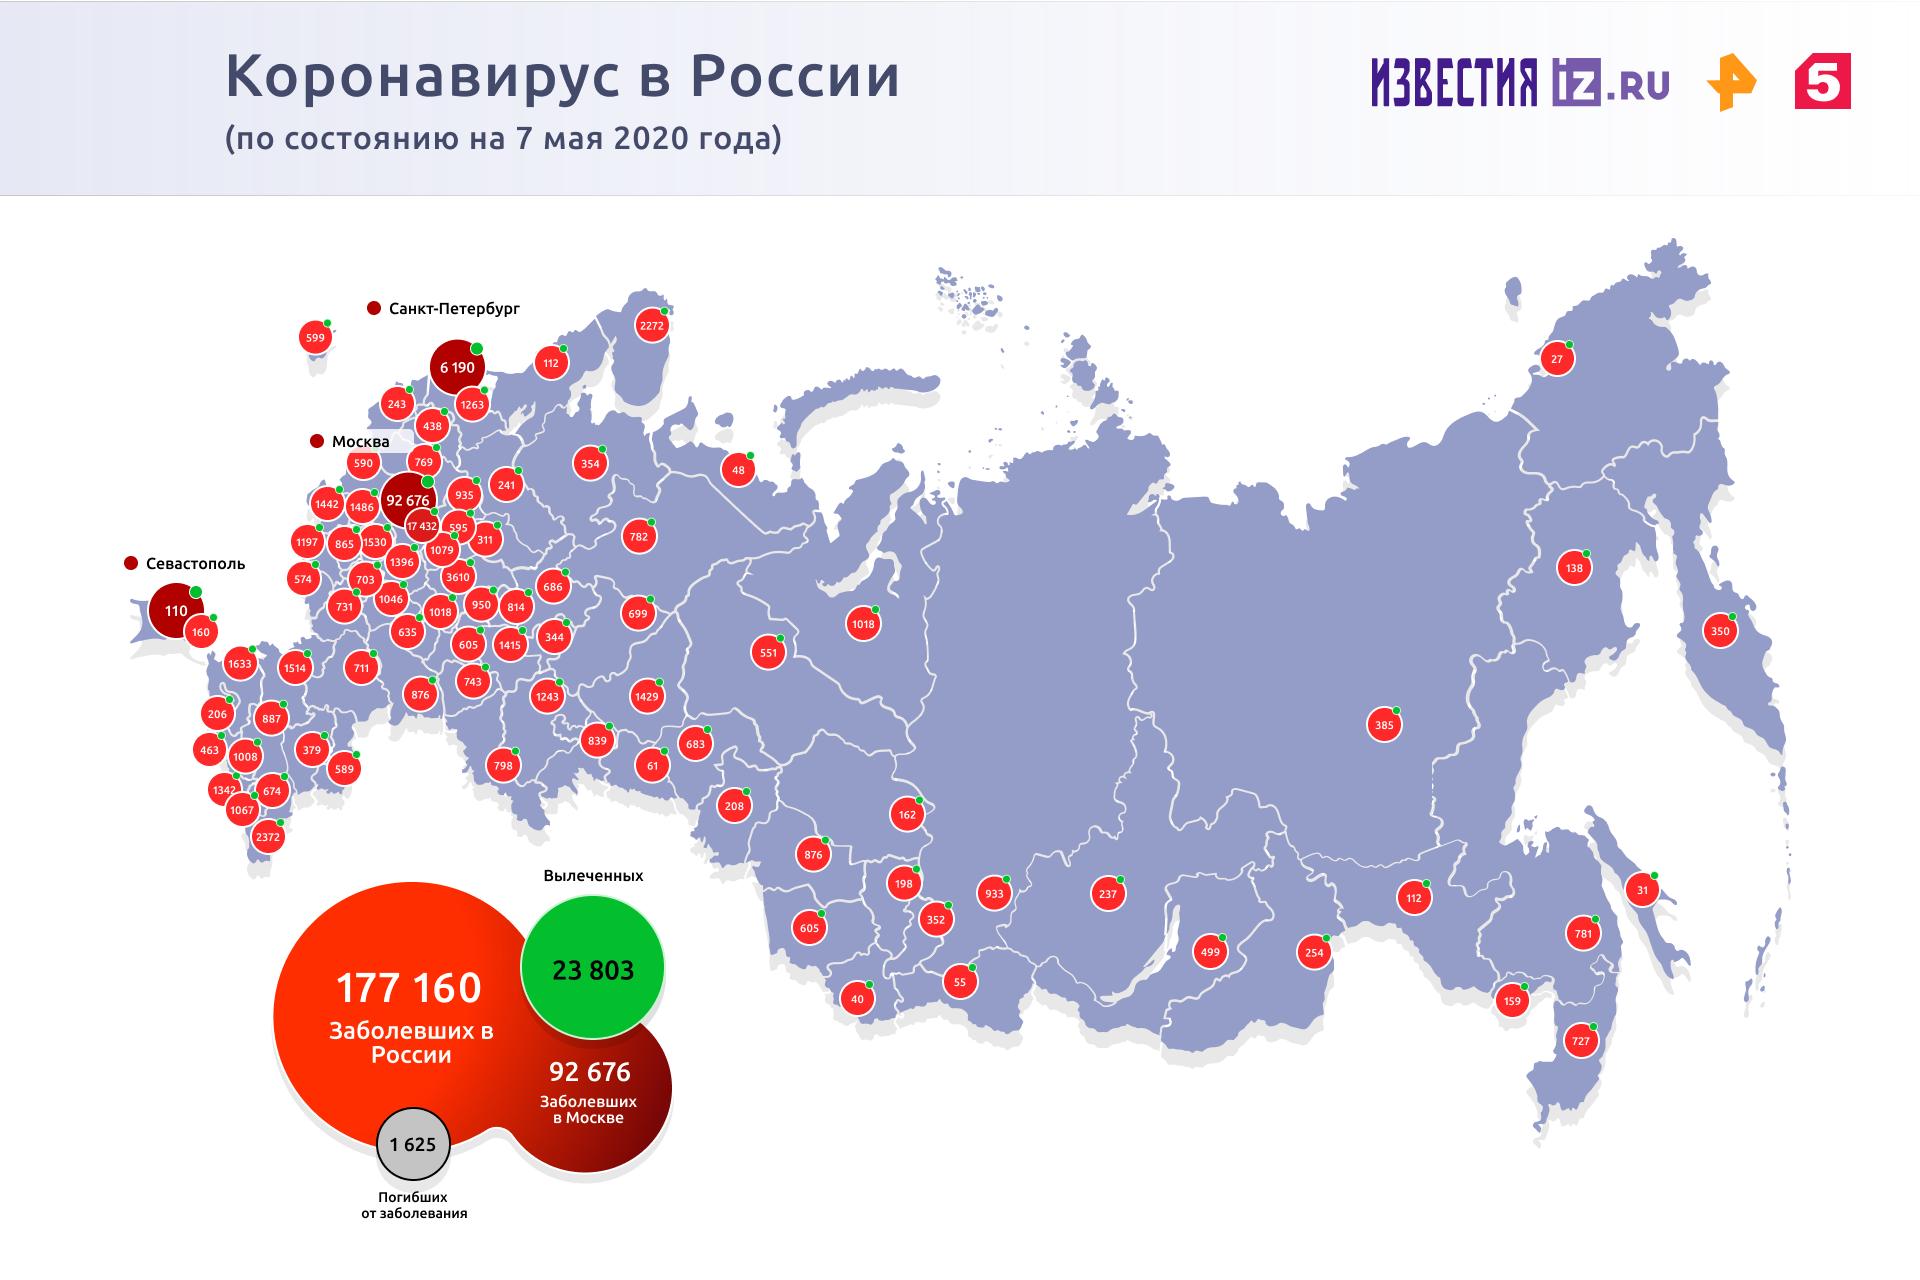 Штраф за проезд в общественном транспорте без маски составит 5 тыс. рублей